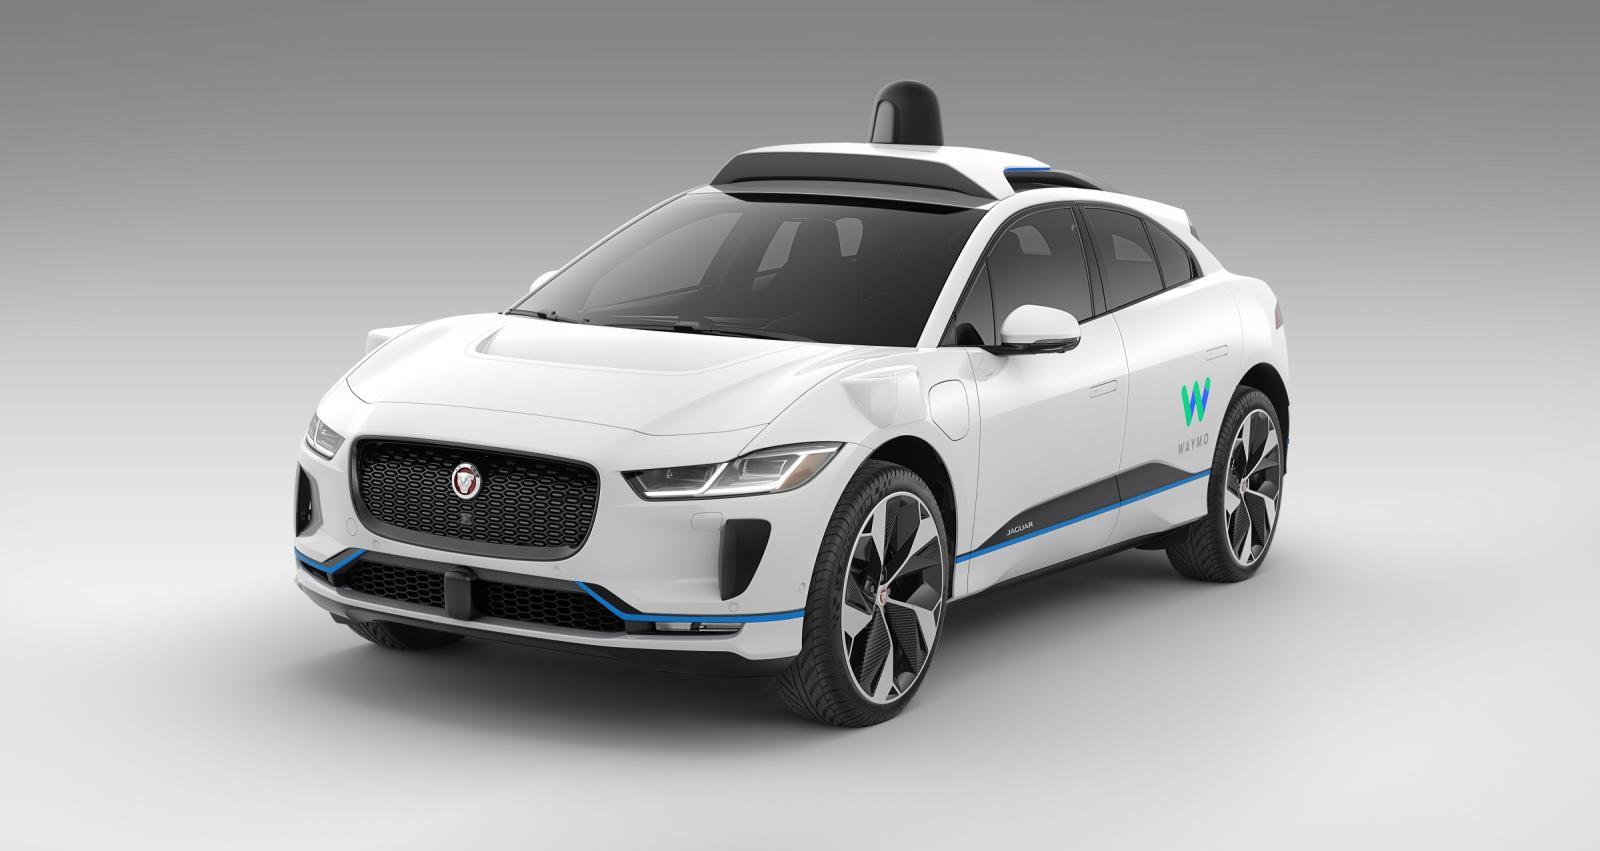 """Los autos de Waymo están equipados para """"ver"""" 360 grados a su alrededor, todo el tiempo"""